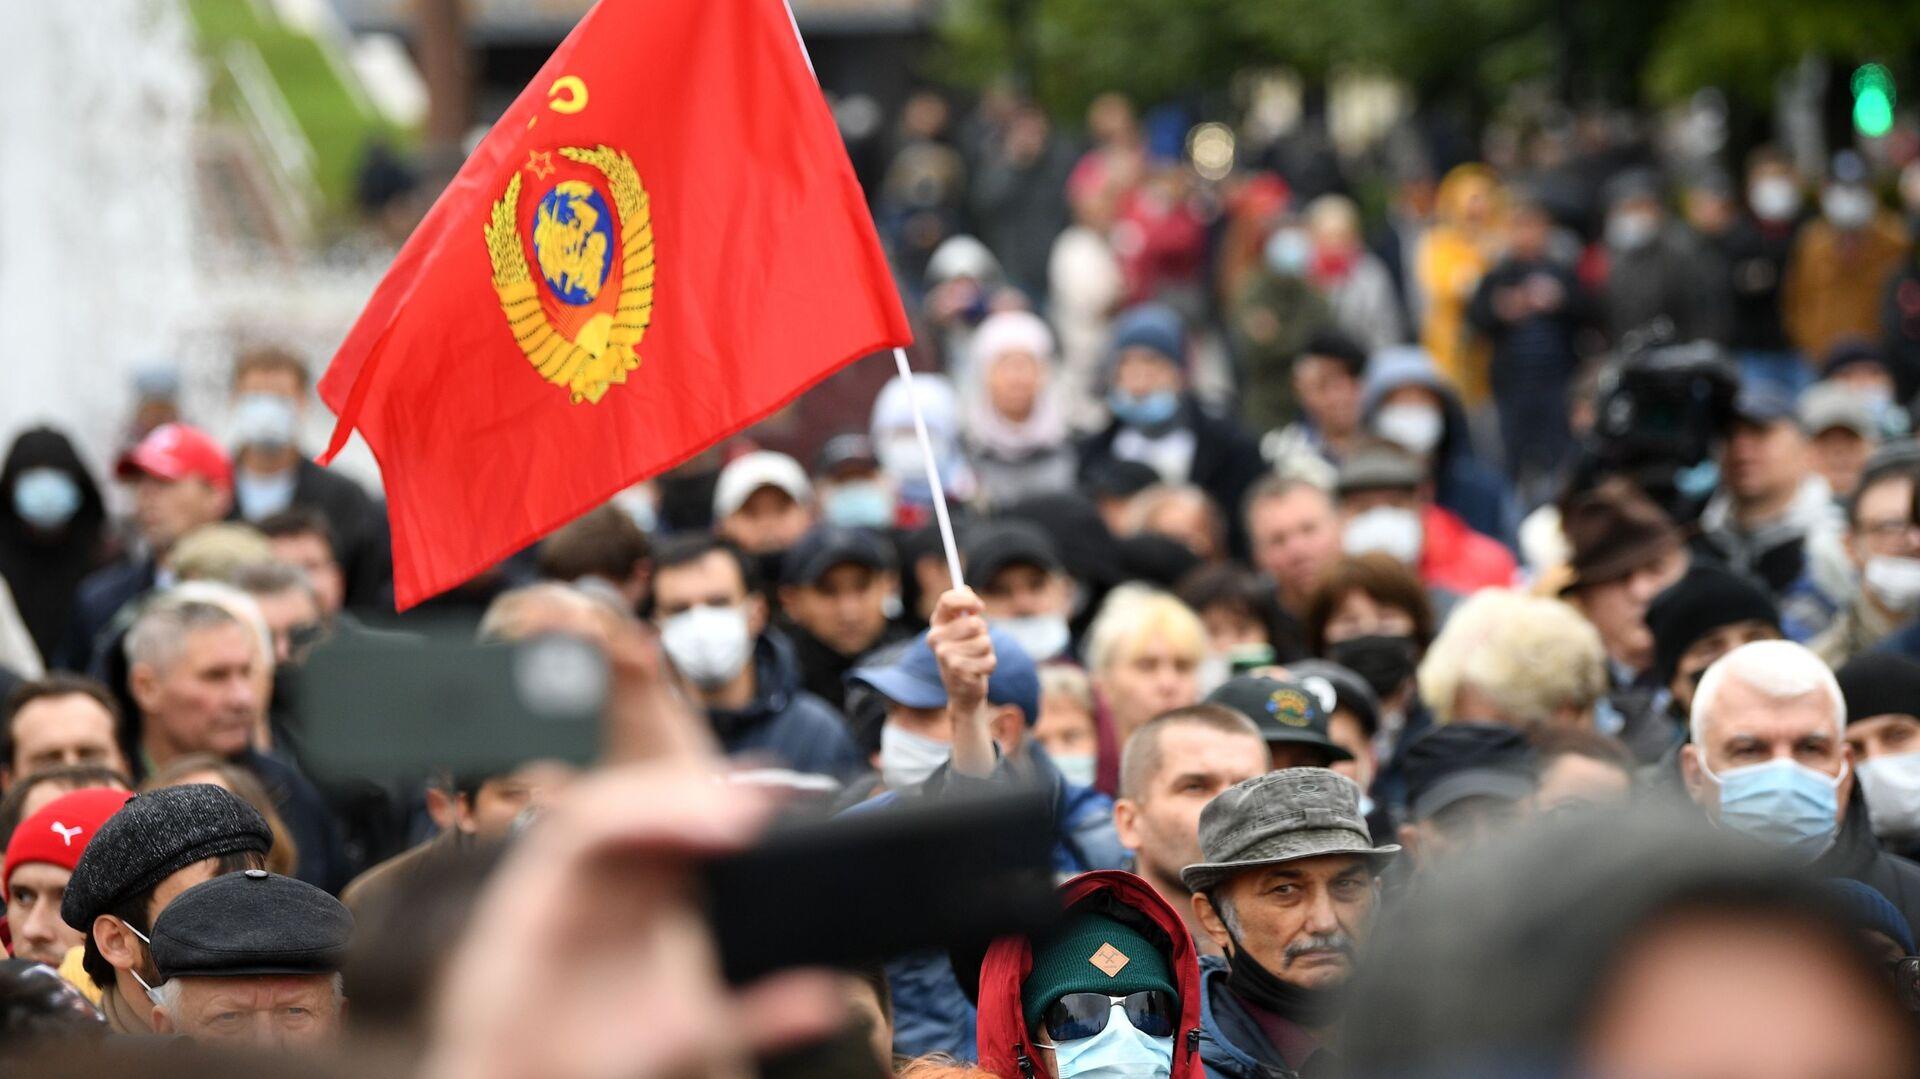 Zwolennicy Komunistycznej Partii Federacji Rosyjskiej (KPRF) protestują w Moskwie - Sputnik Polska, 1920, 25.09.2021